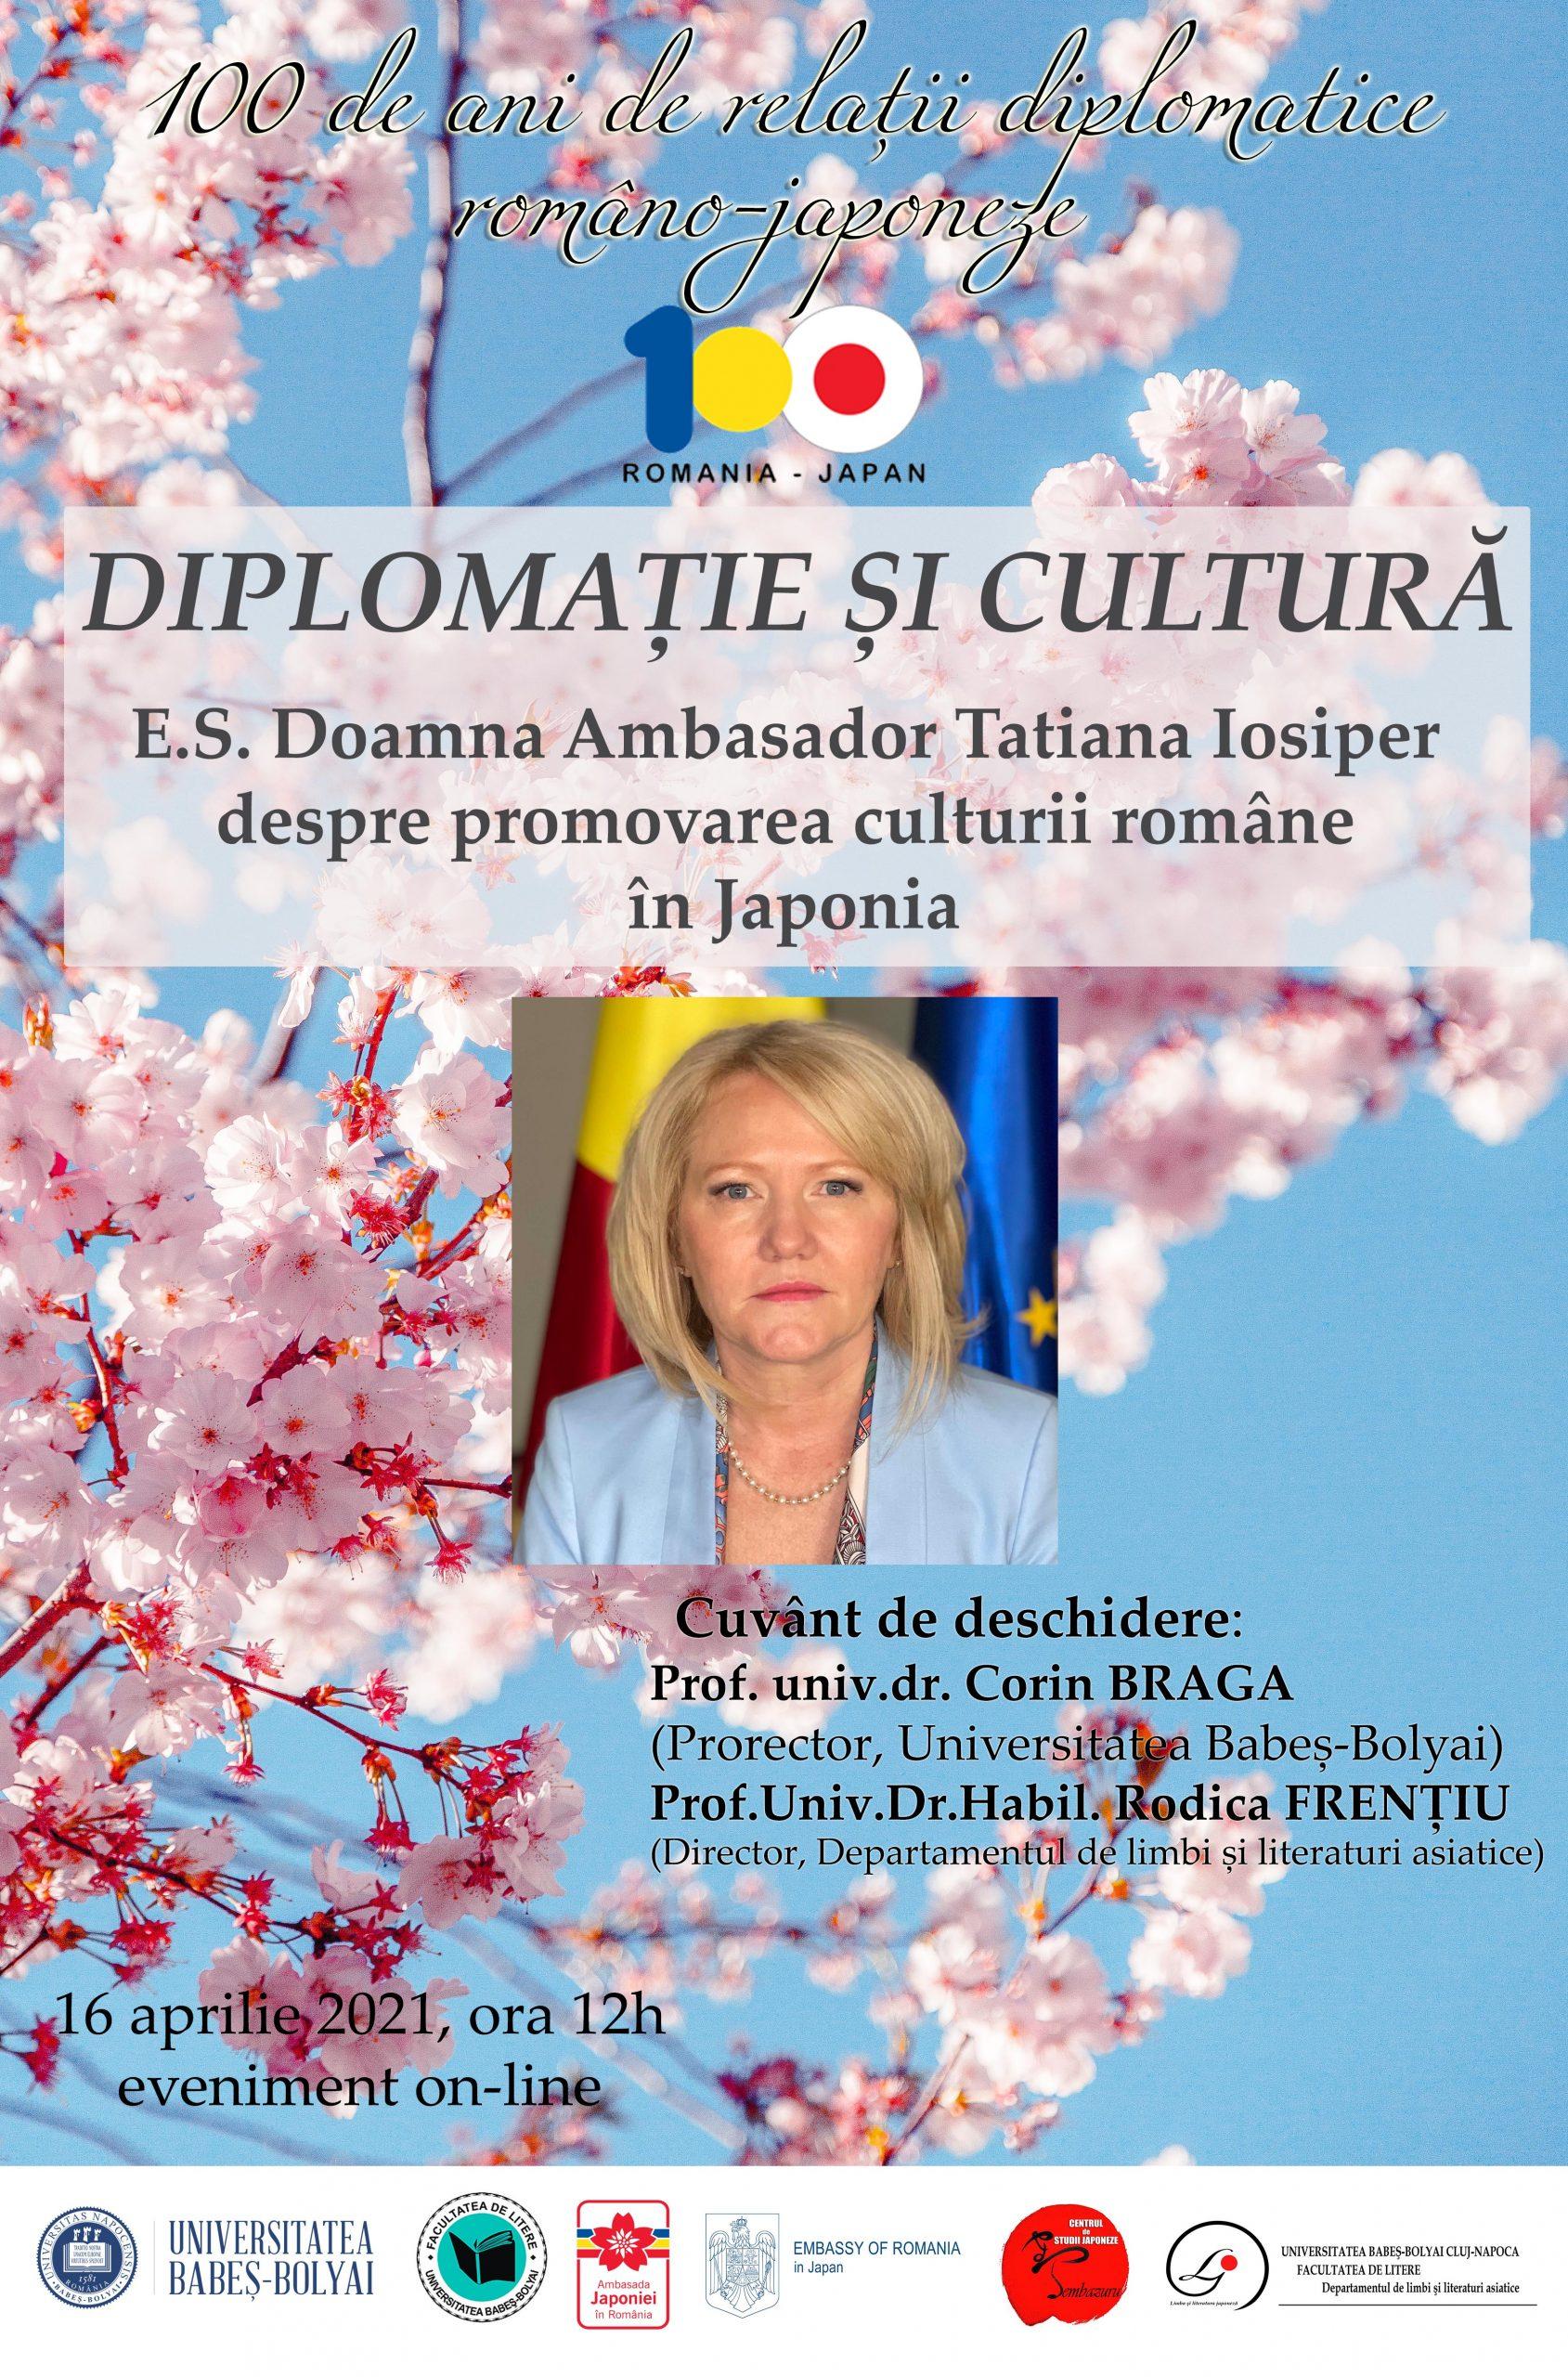 100 de ani de relații diplomatice româno-japoneze